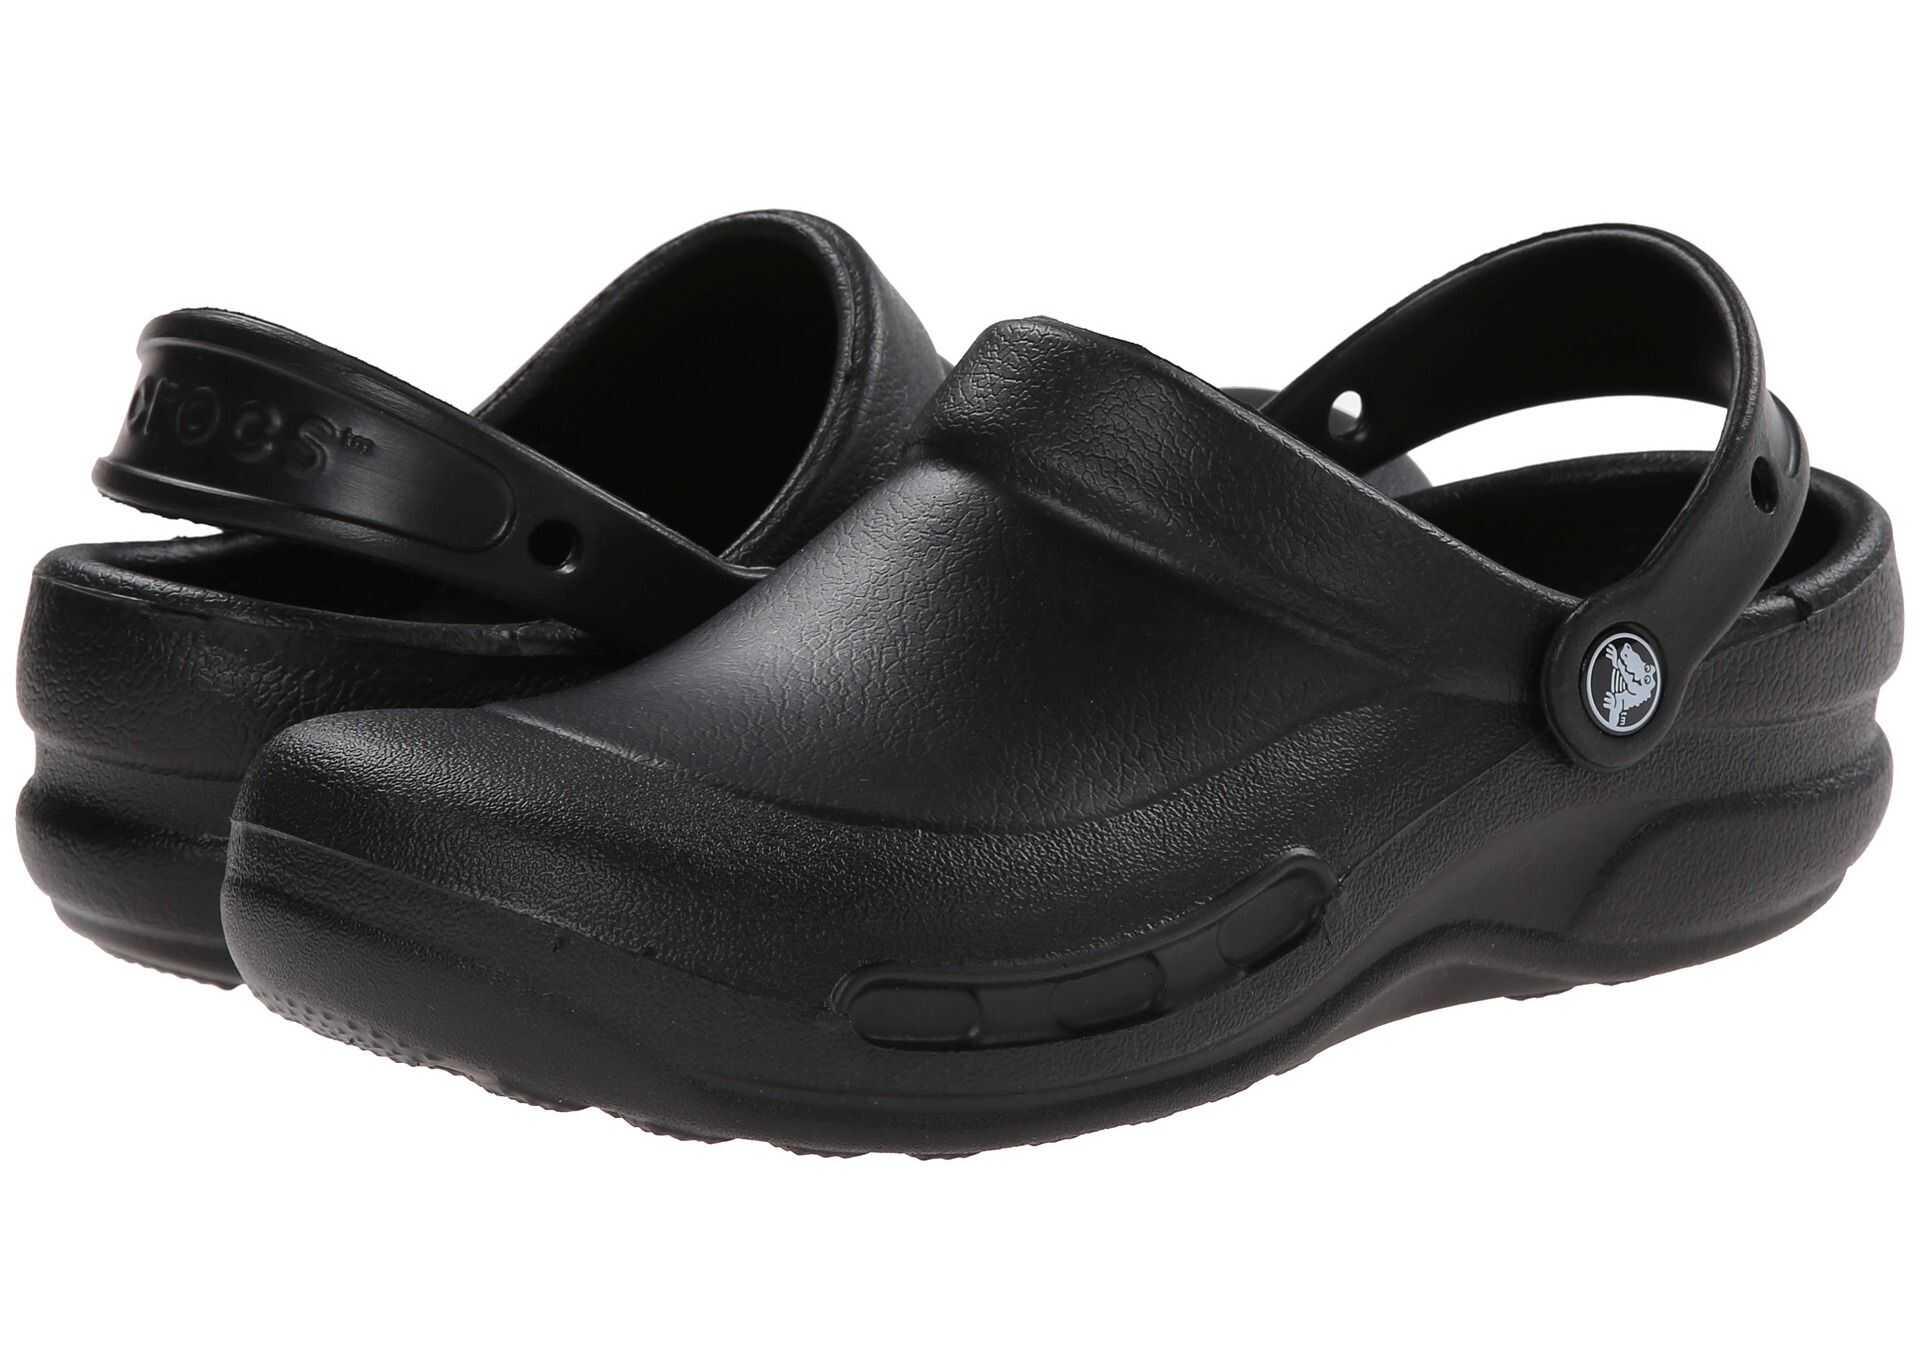 Crocs Specialist Enclosed (Unisex) Black